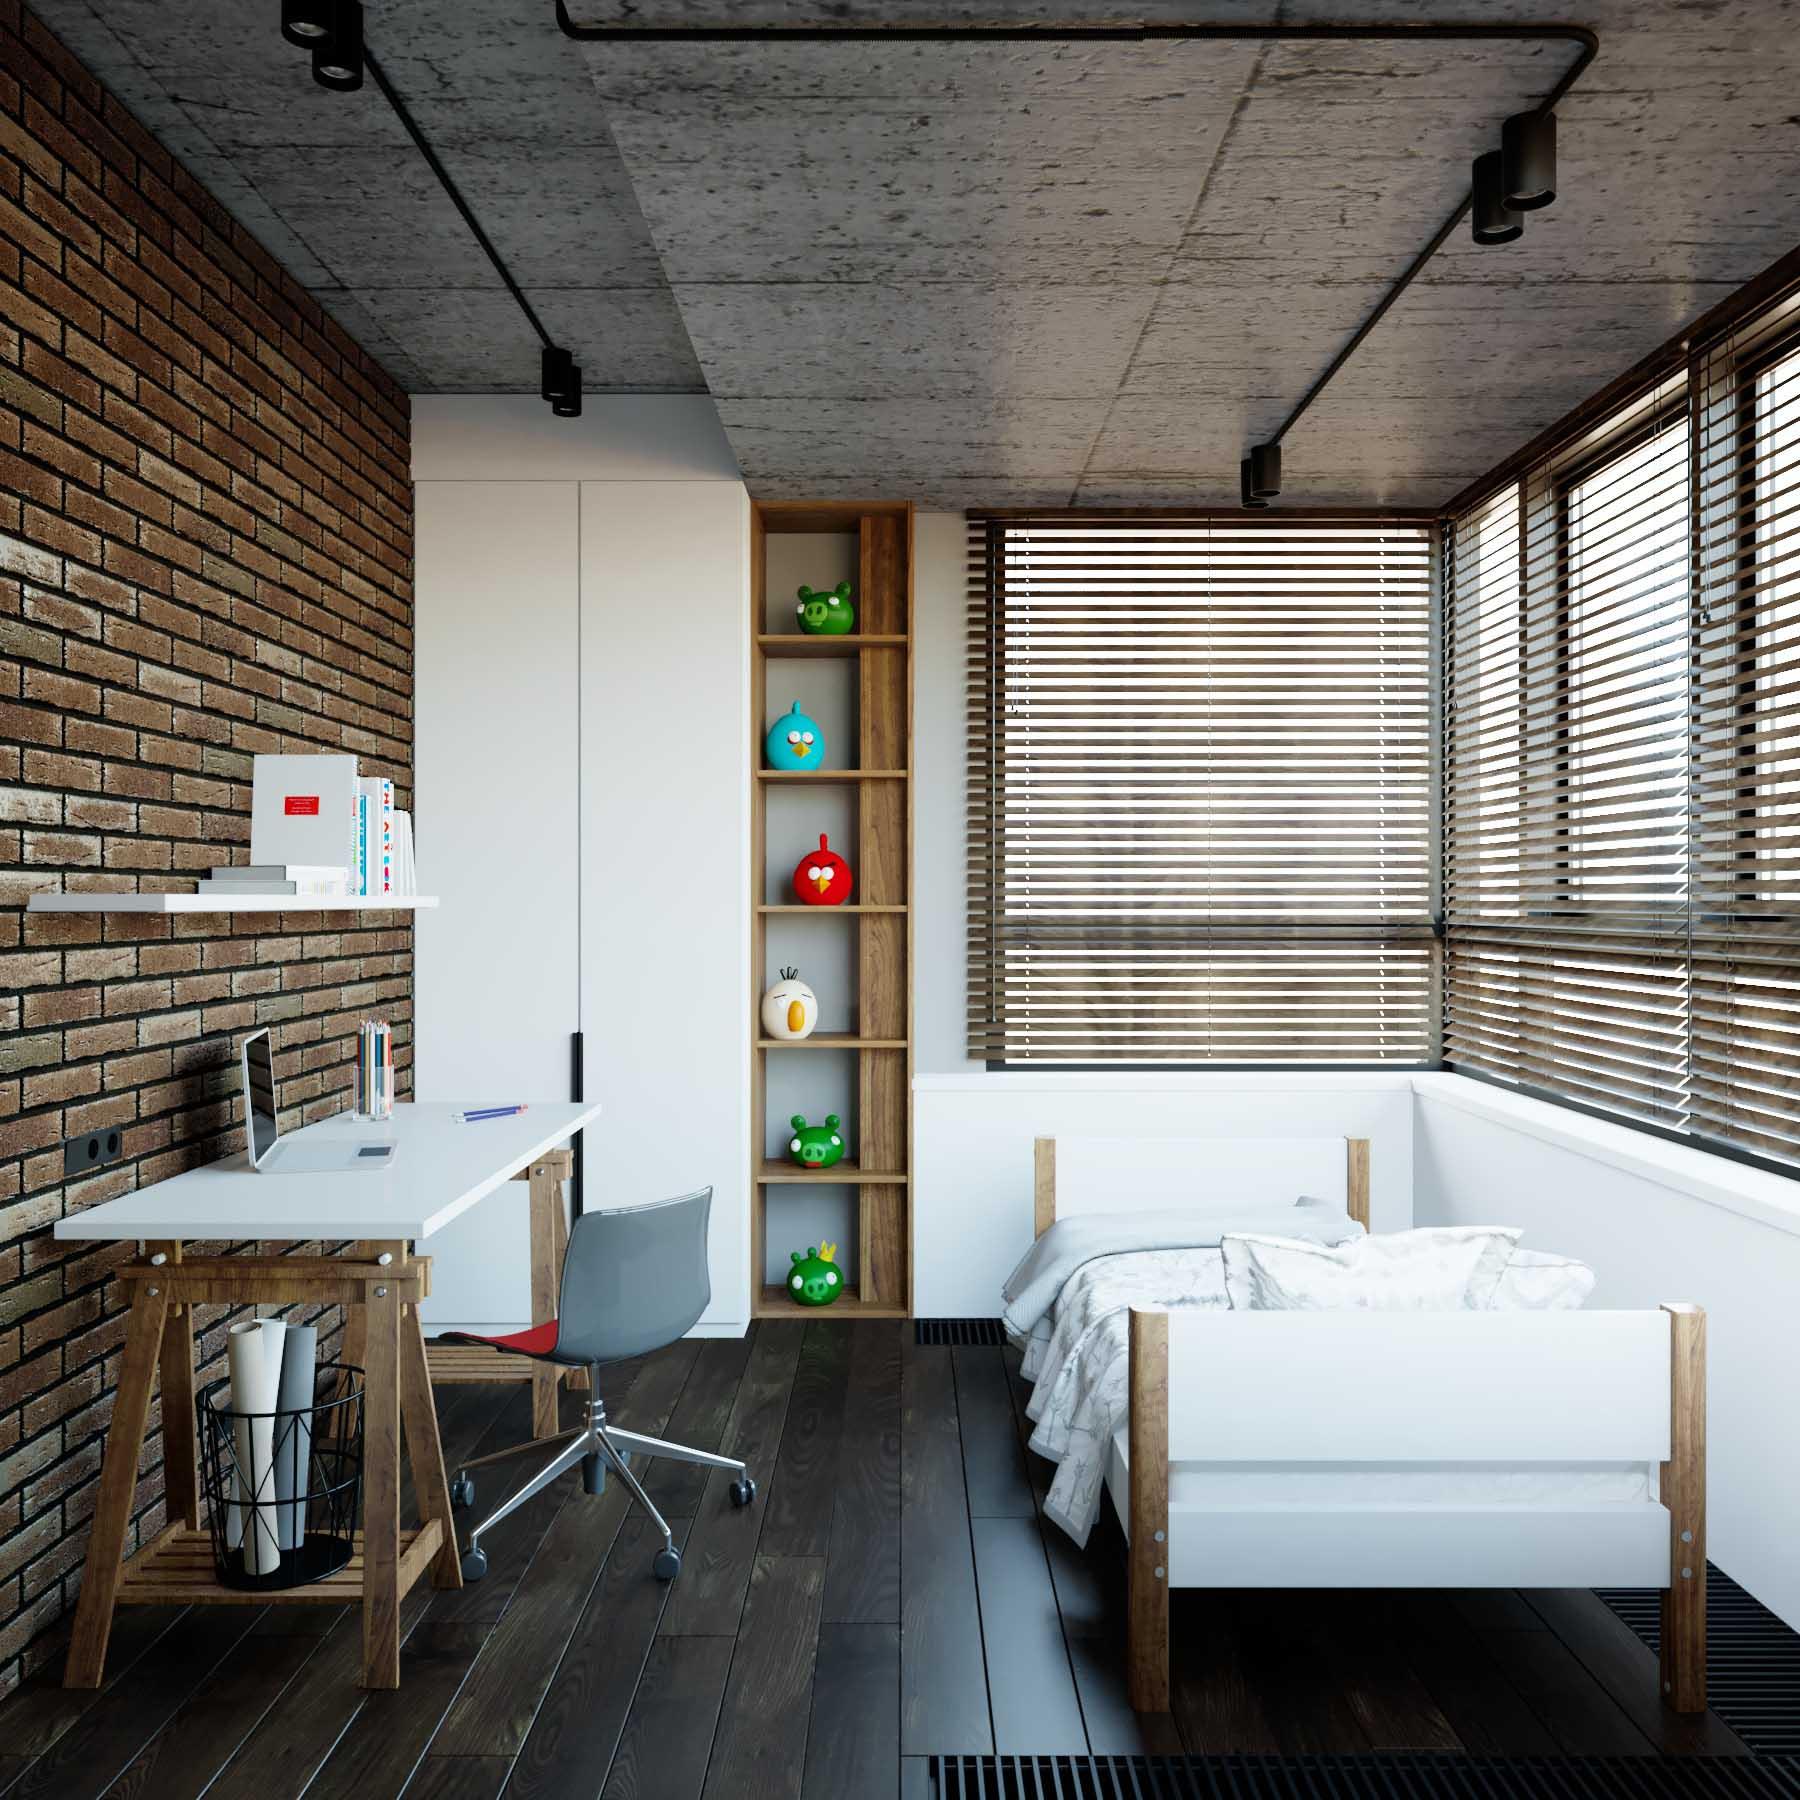 100 интерьеров кухни в стиле лофт, которые вдохновят вас на творчество